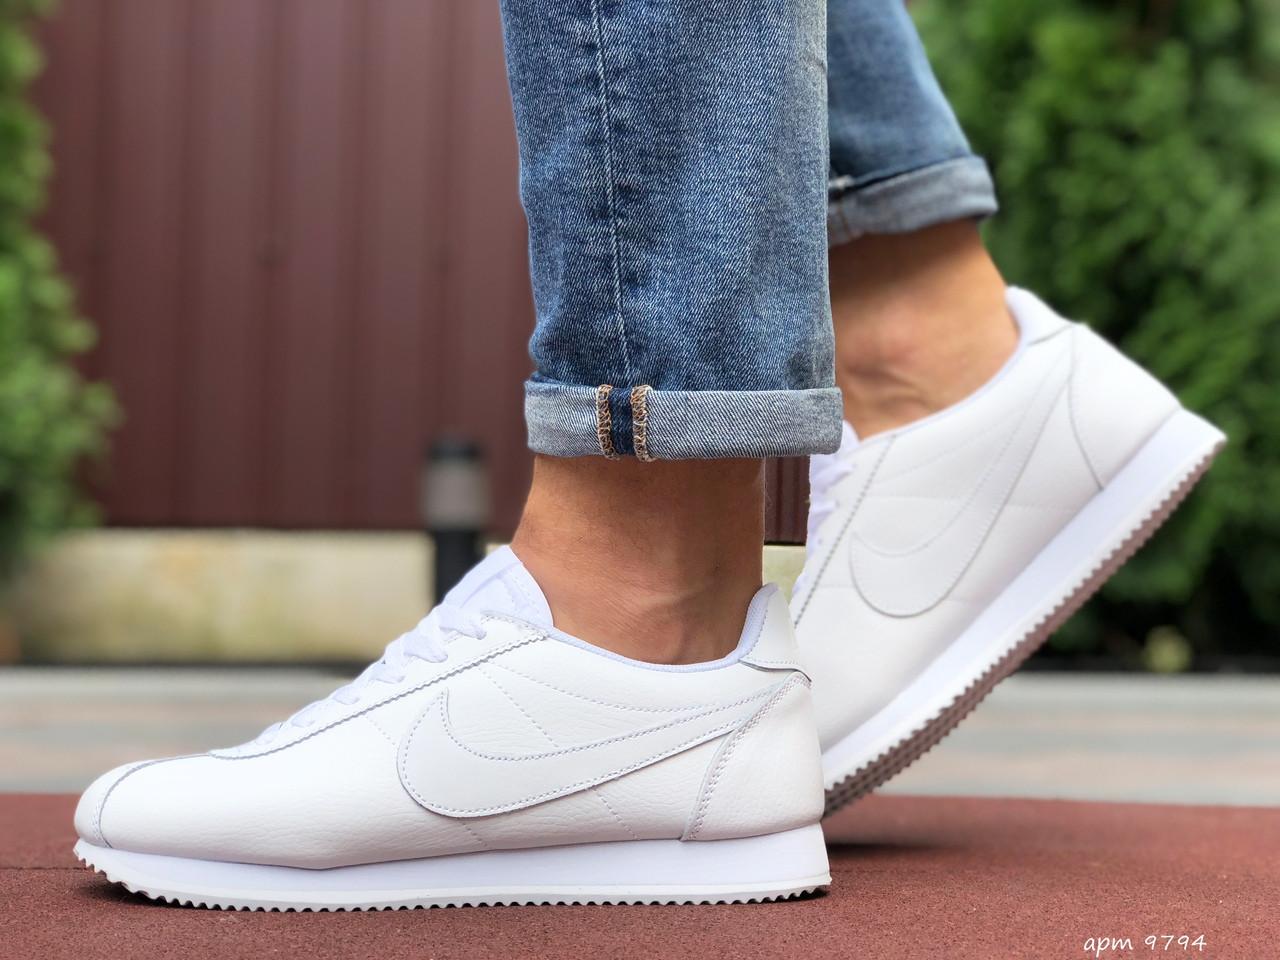 Чоловічі кросівки Nike Cortez білі